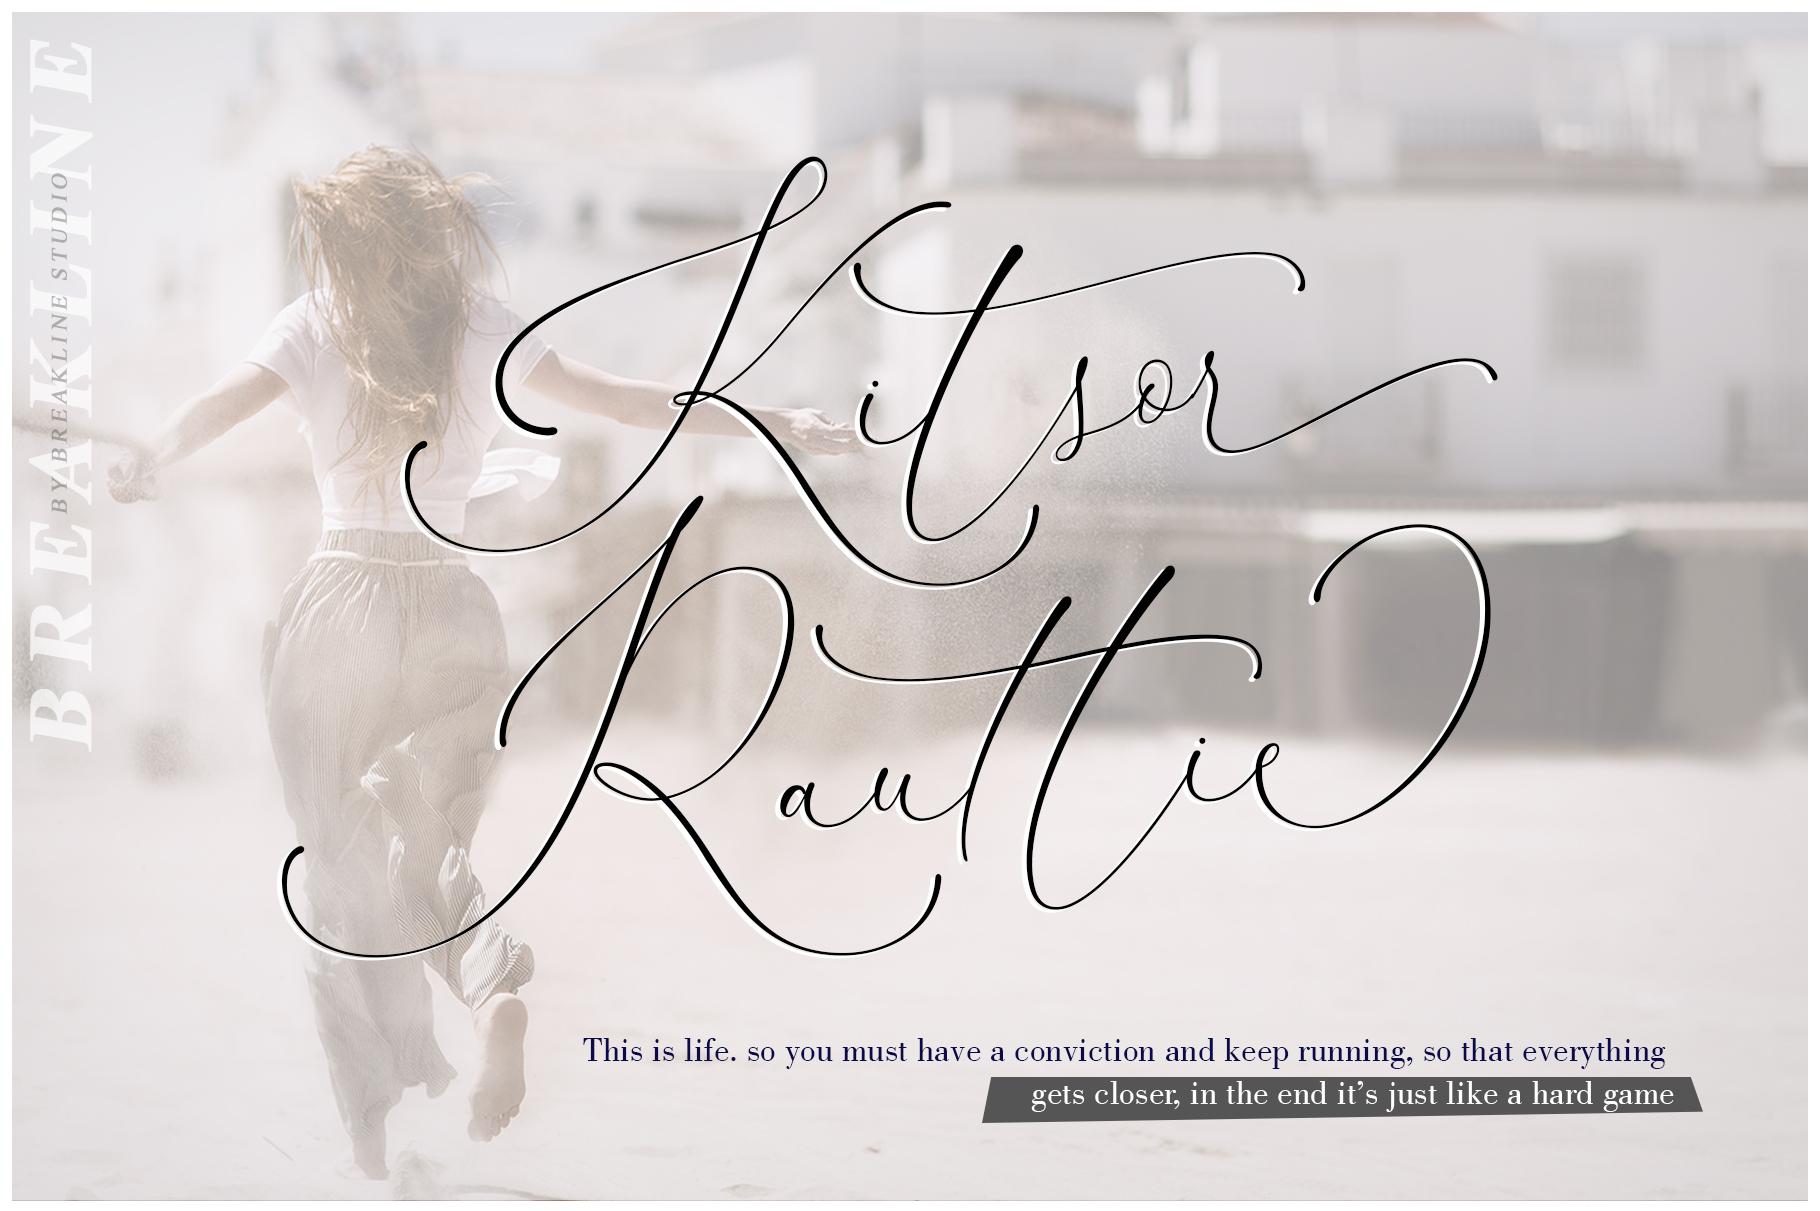 Kitsor Rauttie example image 10